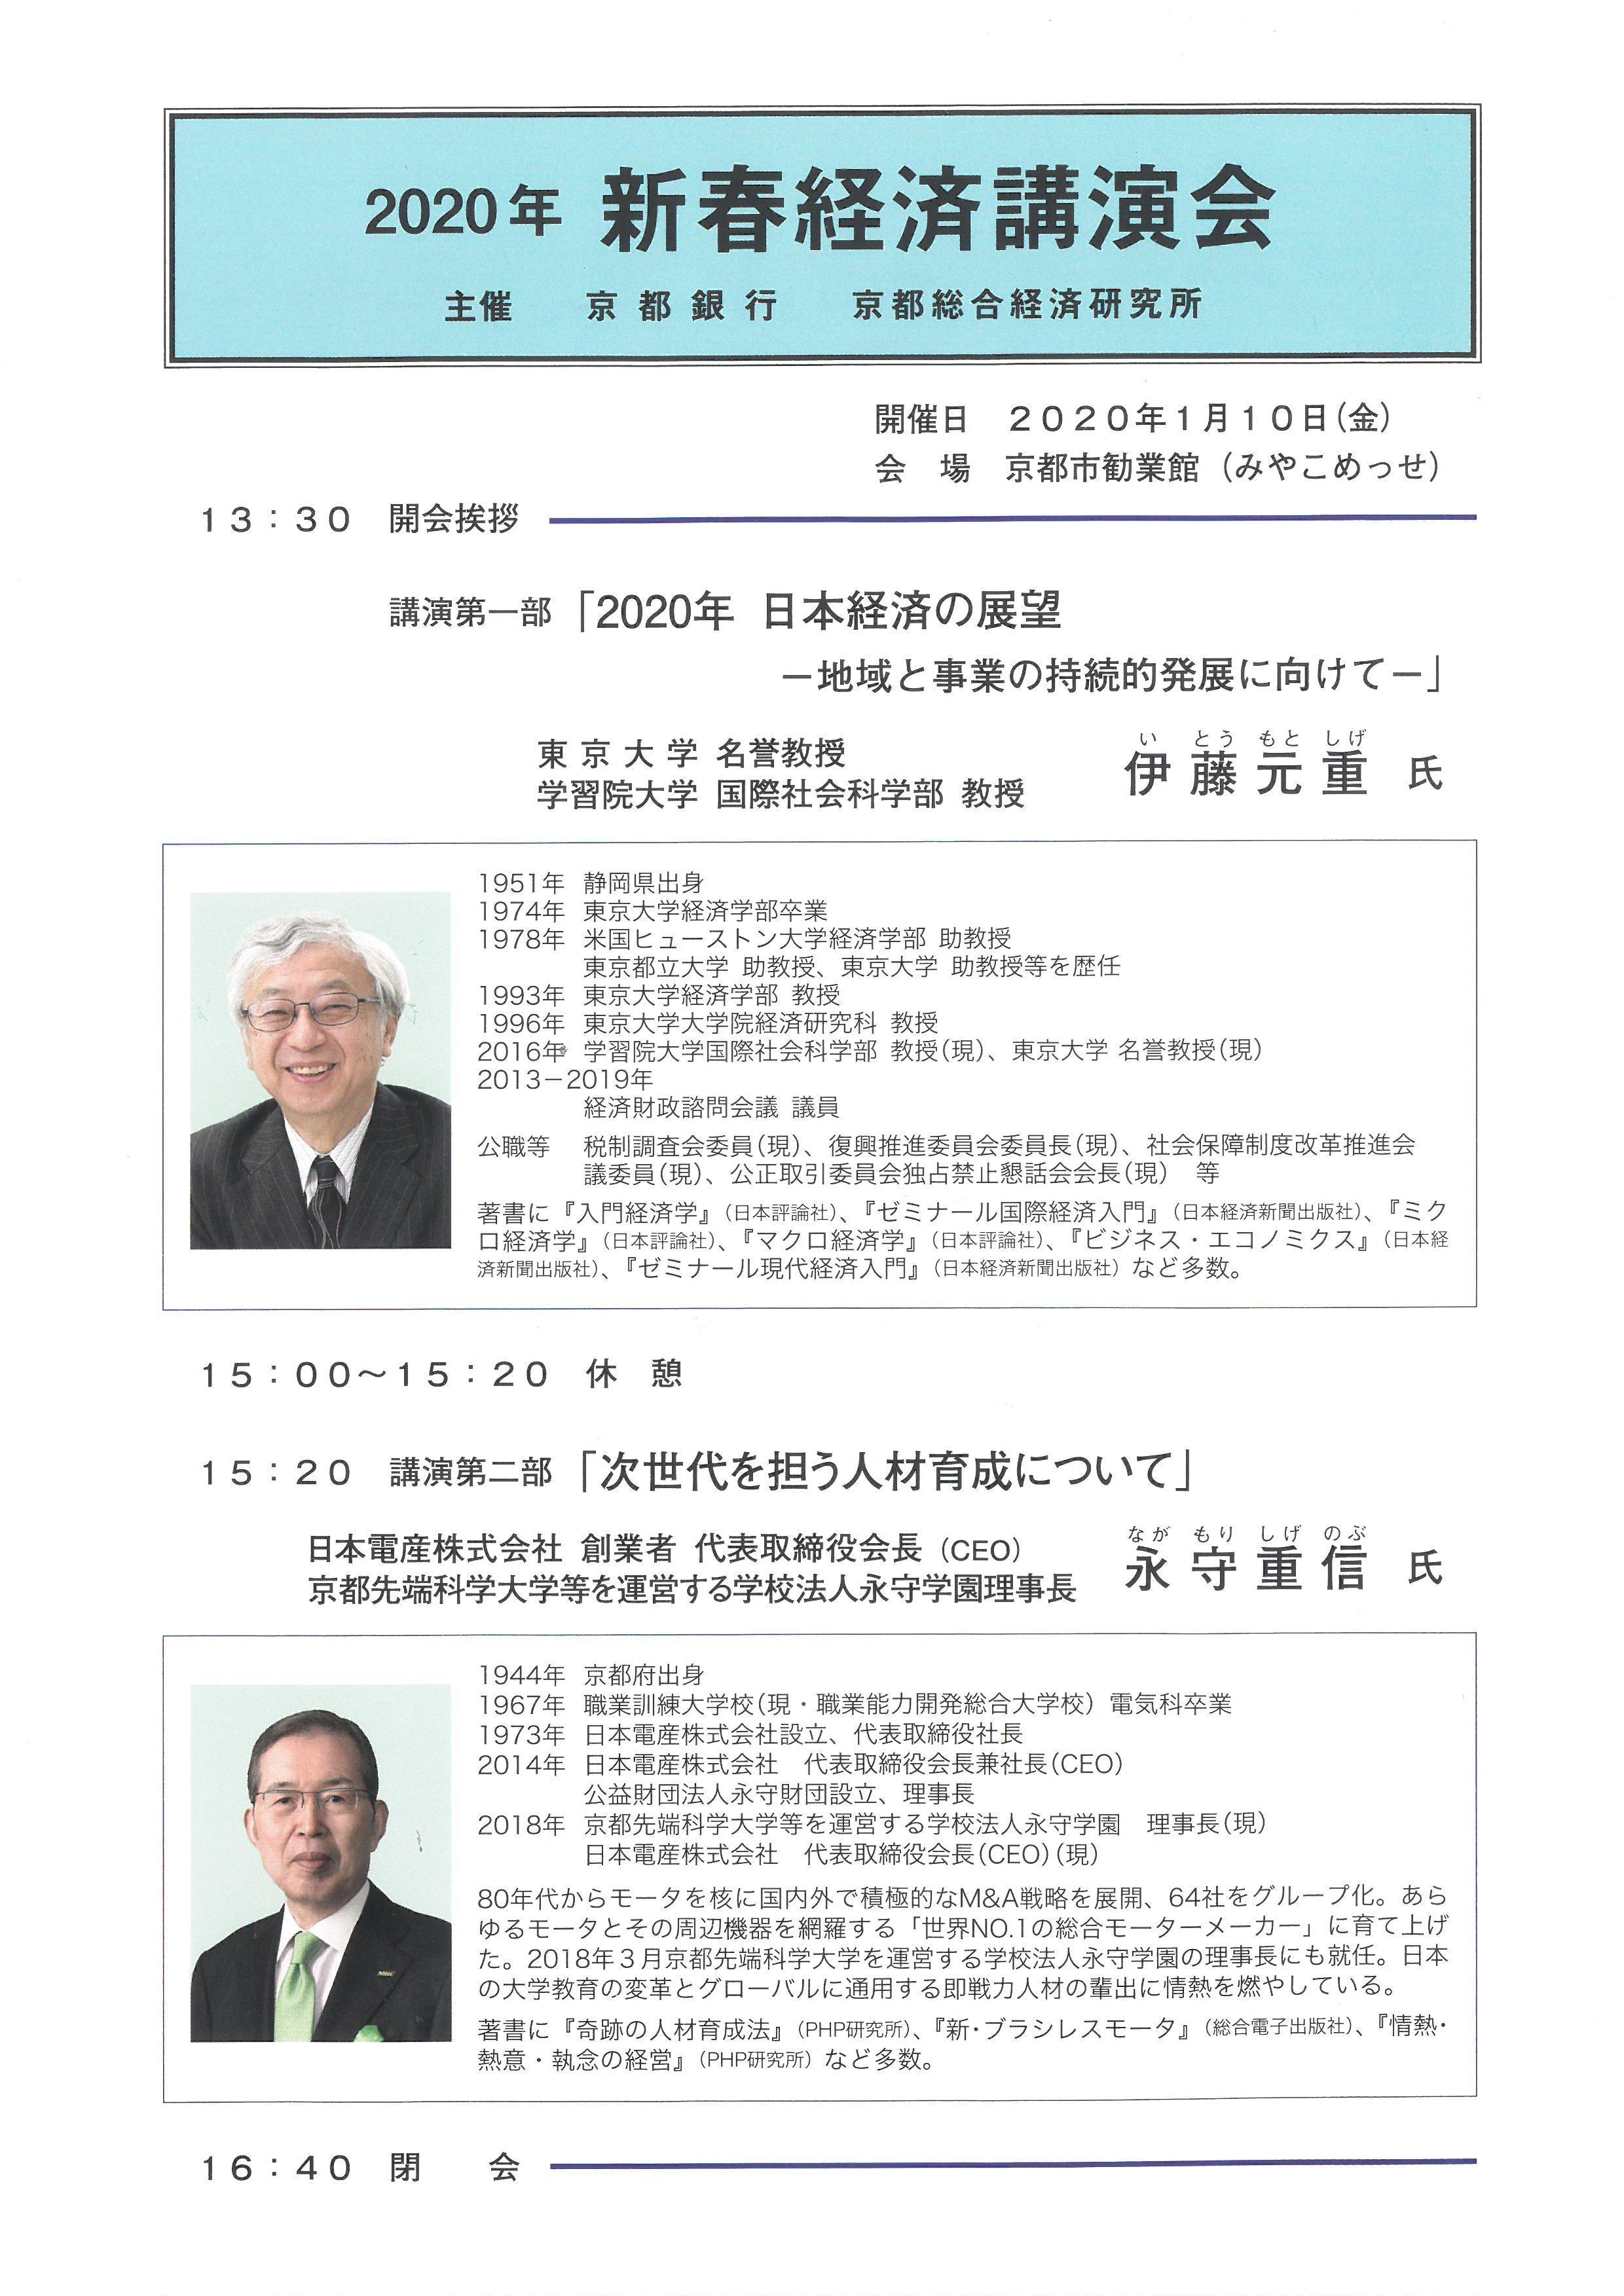 産 会長 電 日本